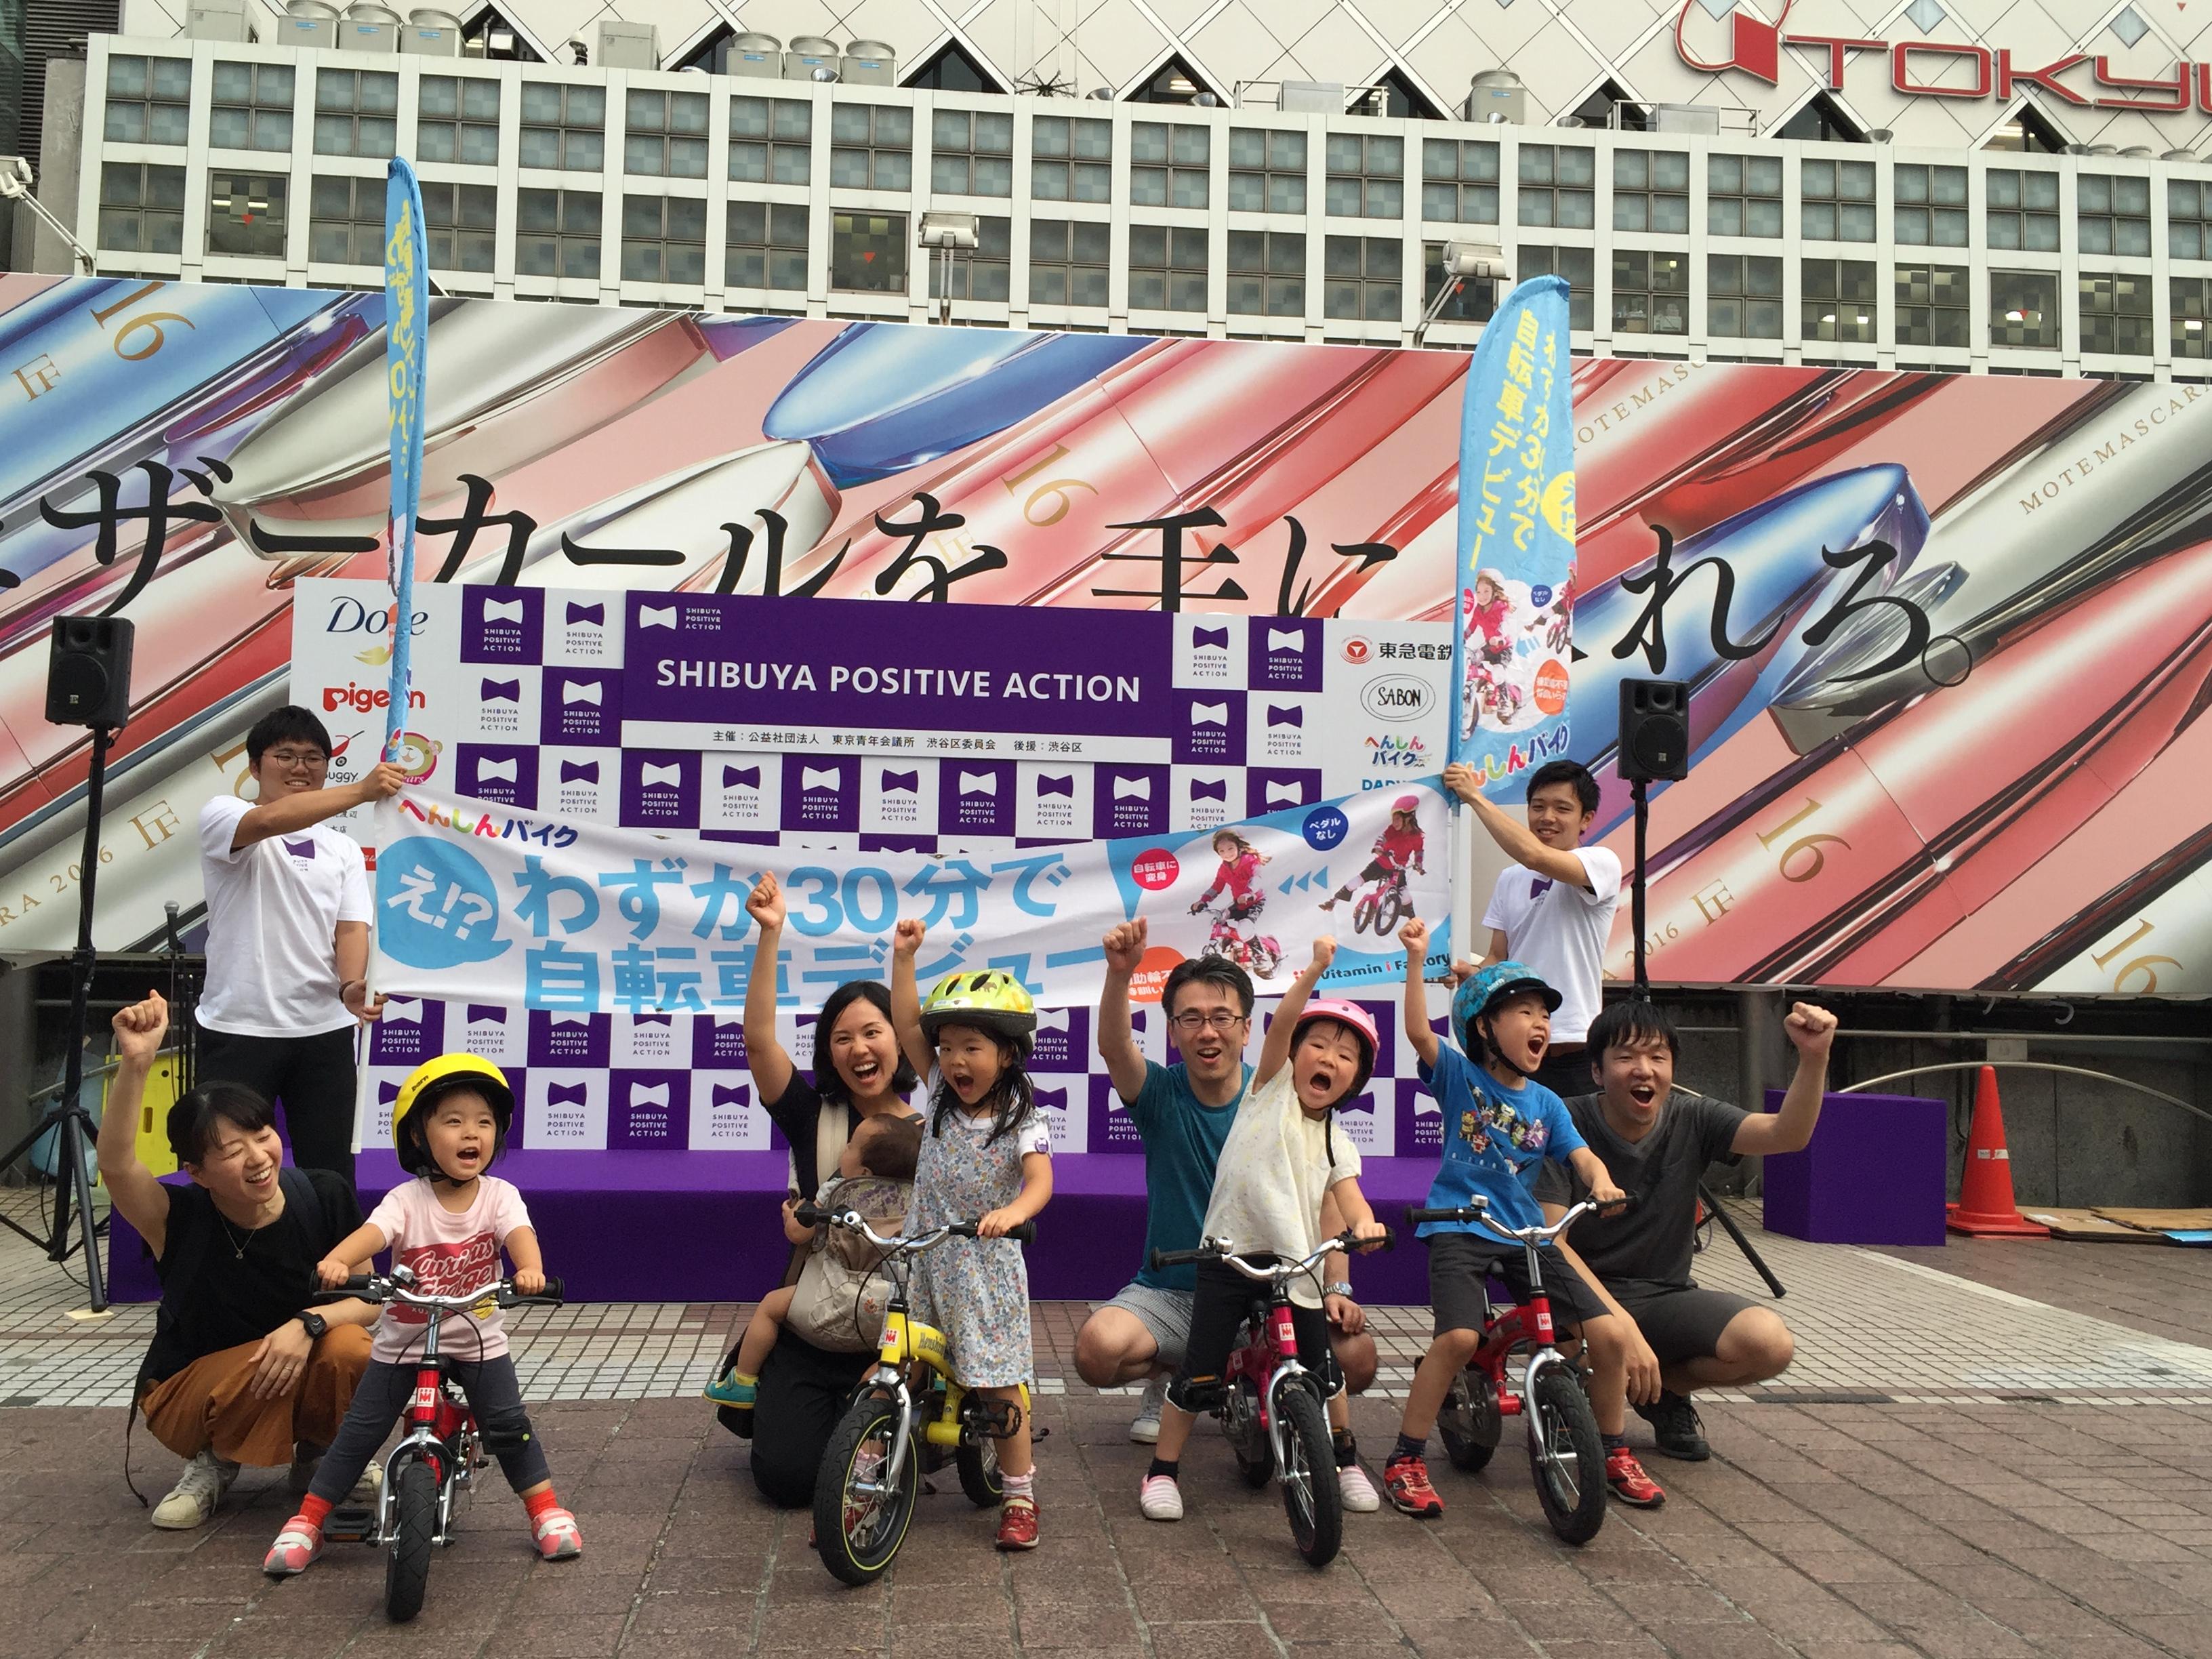 渋谷 POSITIVE ACTION2016